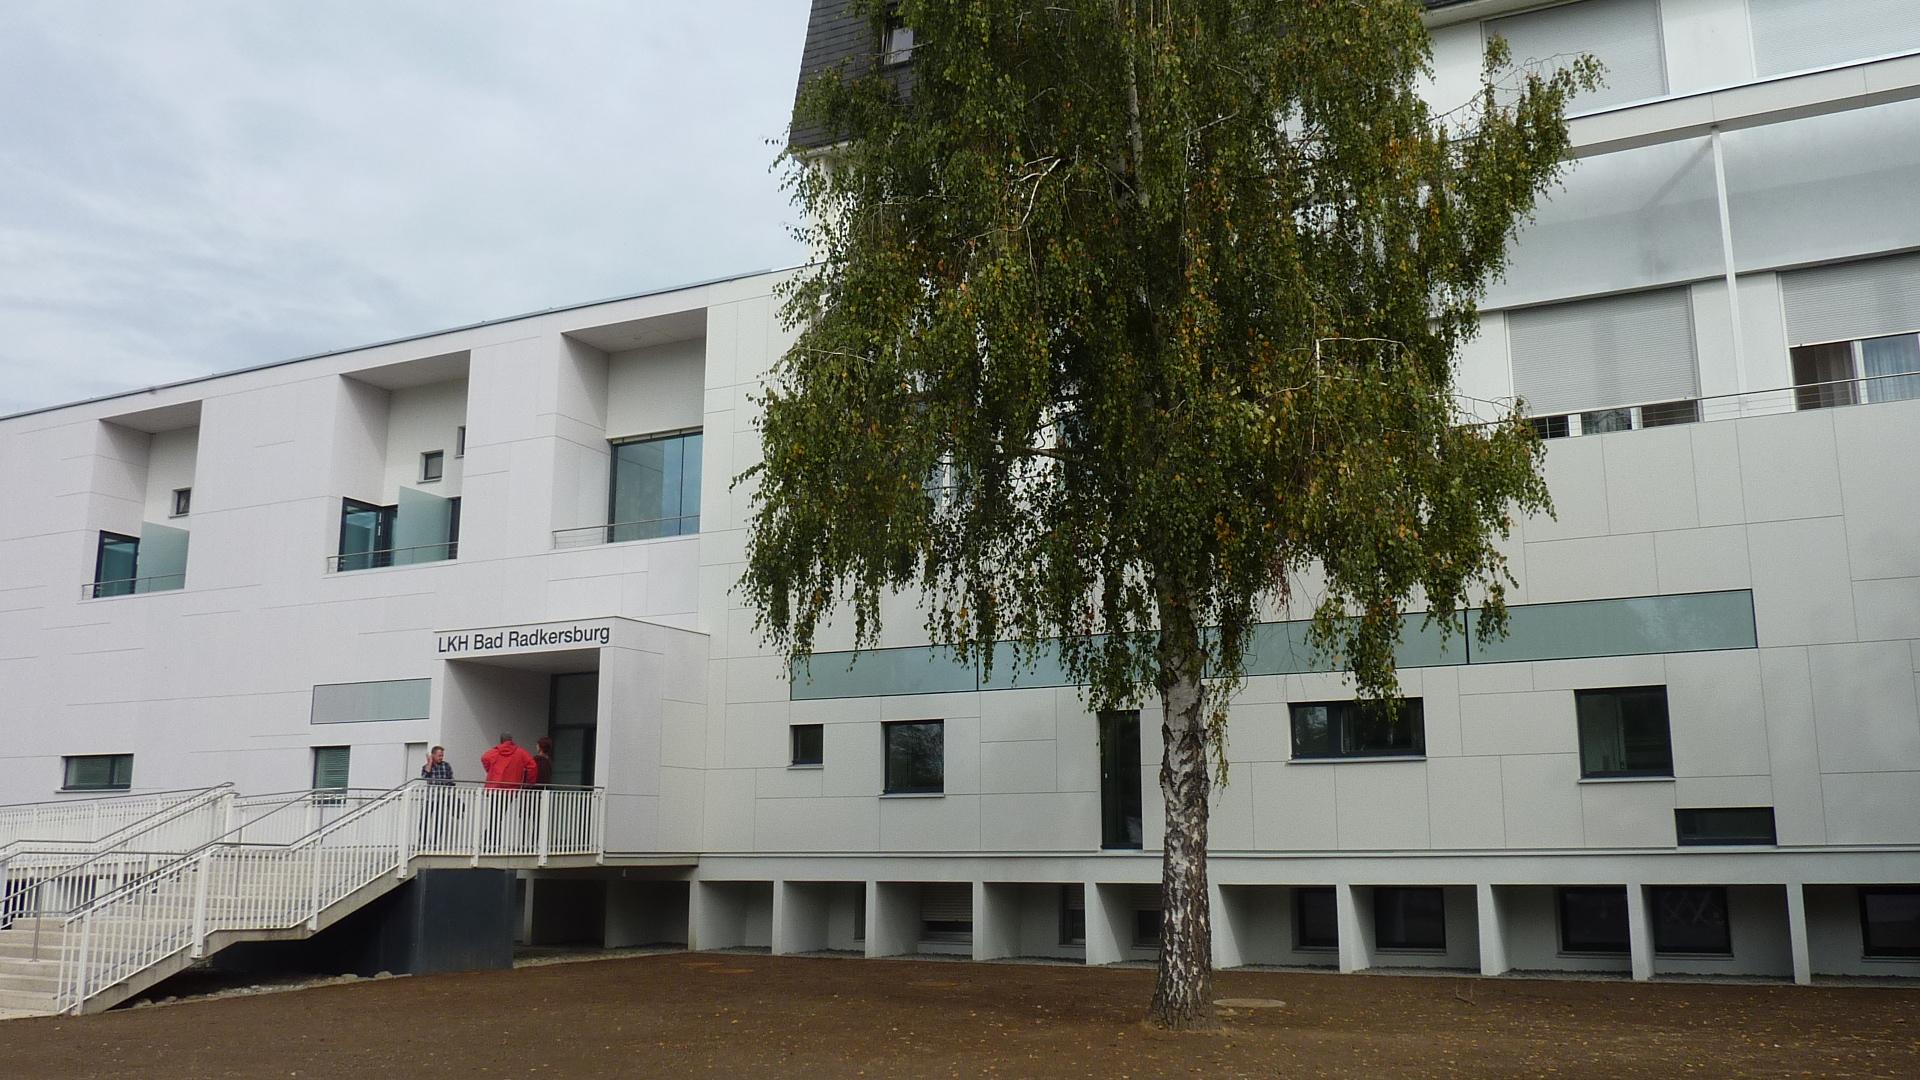 LKH Bad Radkersburg Außenansicht Gebäude